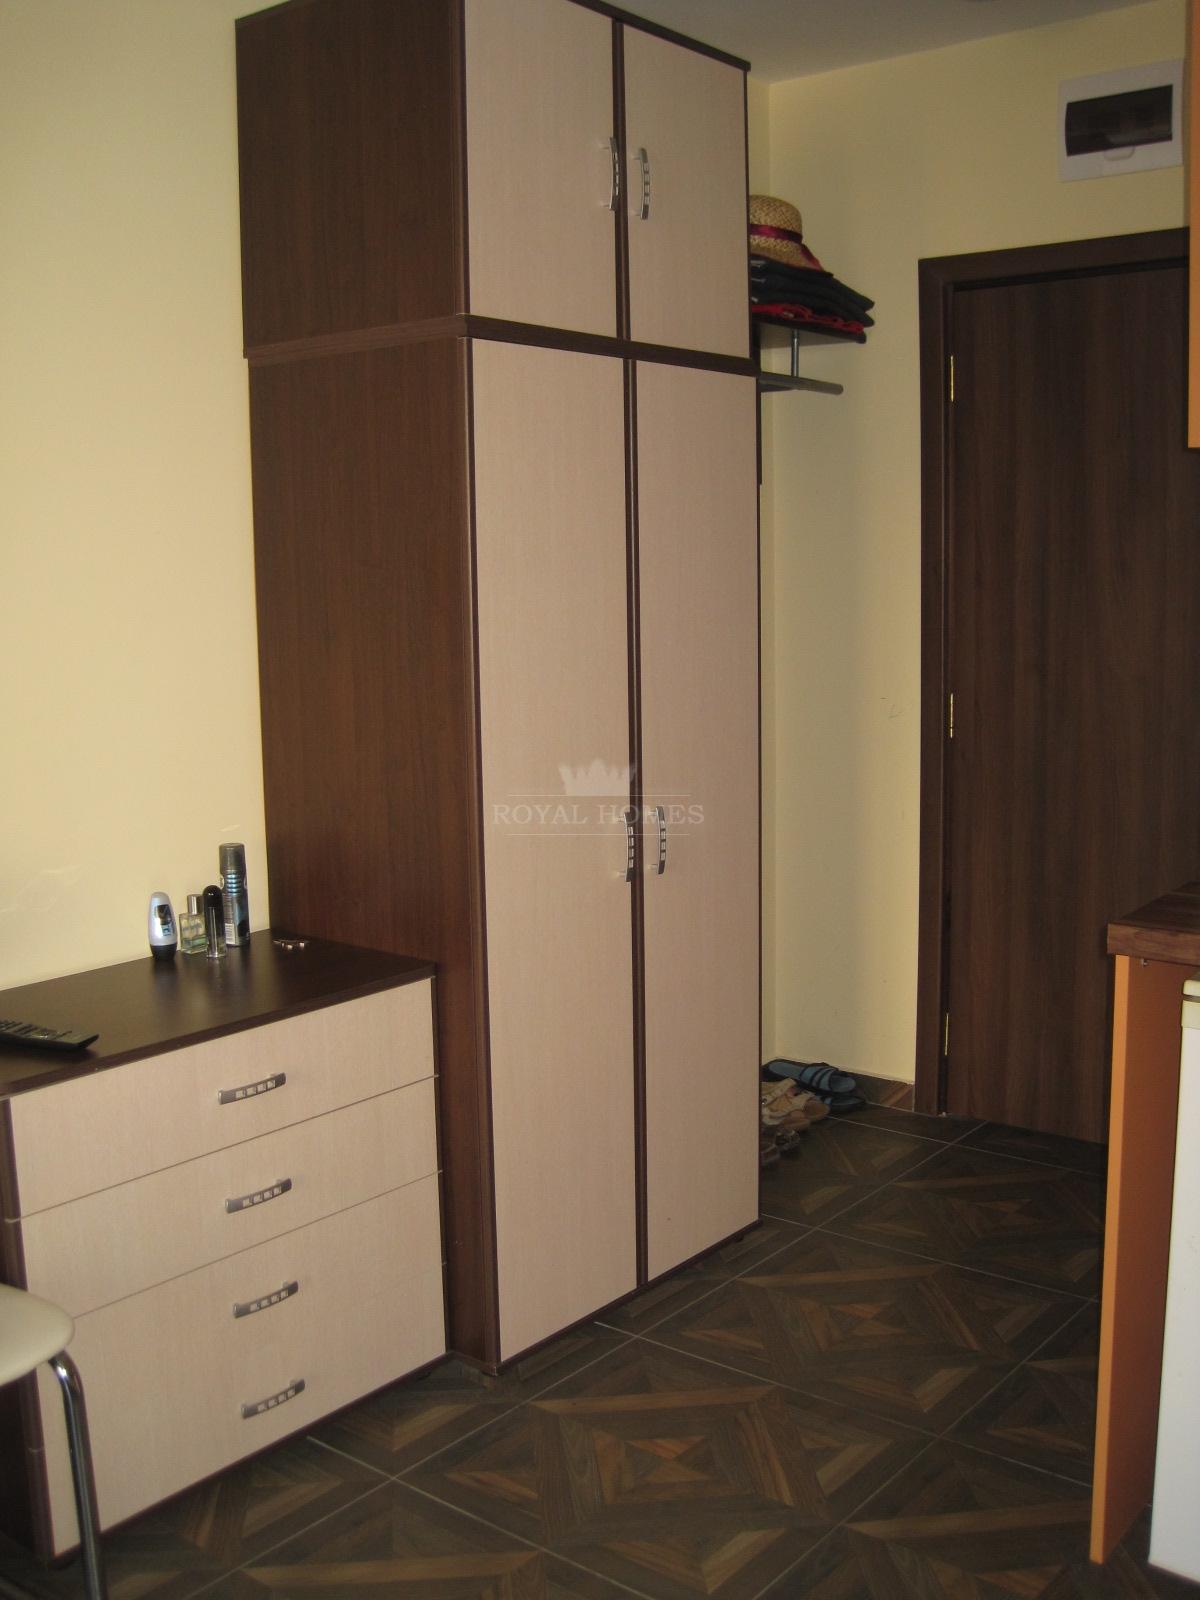 Студия в Болгарии недорого.